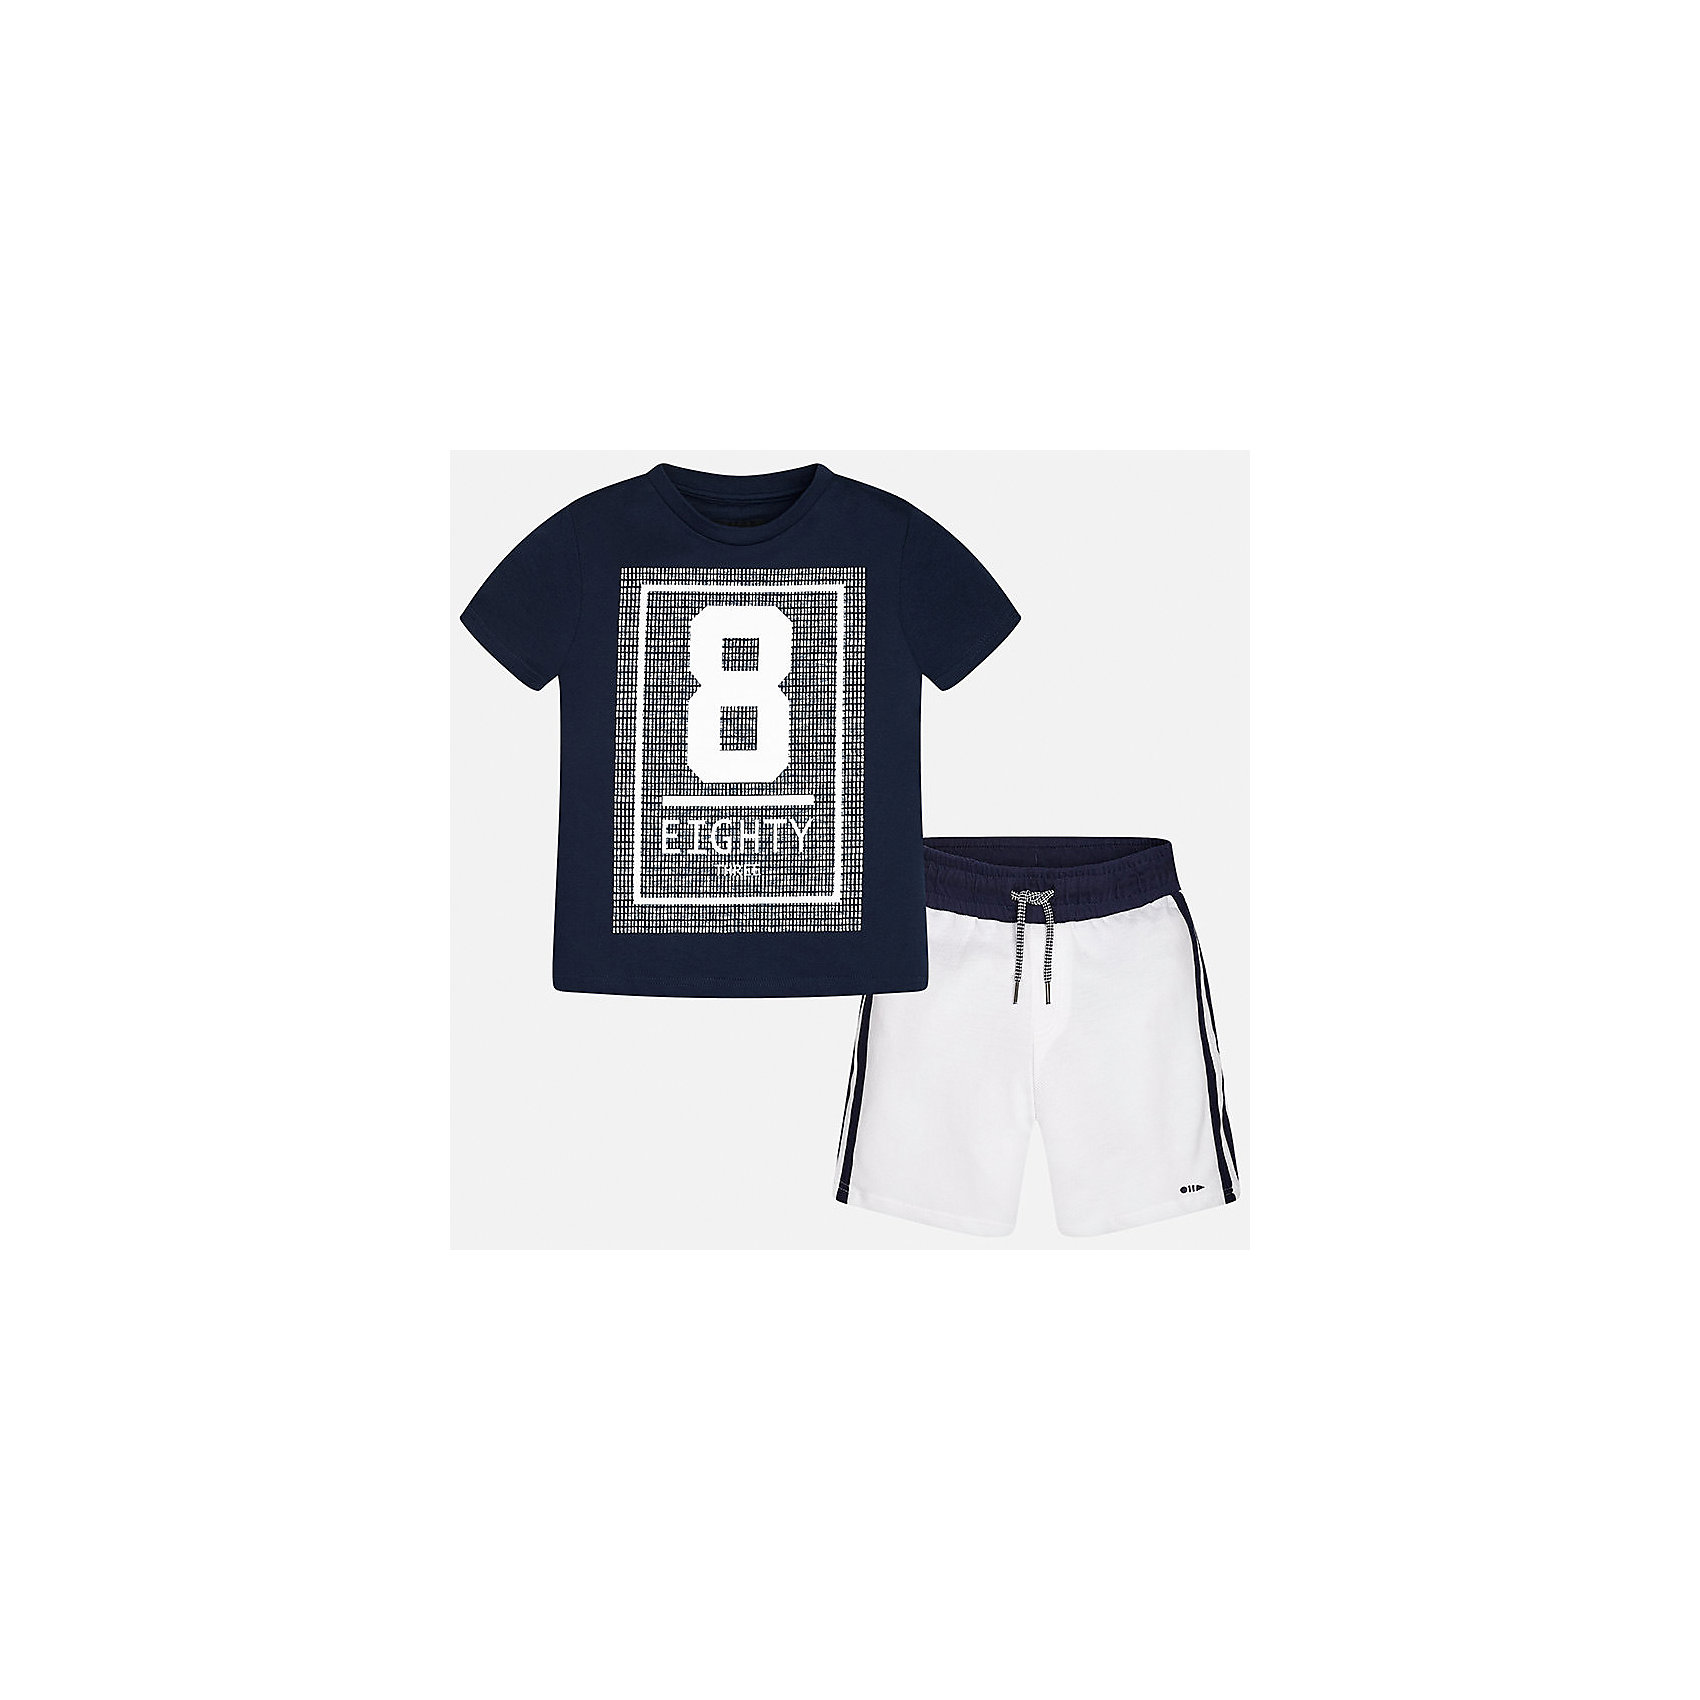 Комплект: футболка и шорты для мальчика MayoralСпортивная форма<br>Характеристики товара:<br><br>• цвет: синий/белый<br>• состав: 100% хлопок<br>• комплектация: шорты, футболка<br>• круглый горловой вырез<br>• декорирована принтом<br>• короткие рукава<br>• шорты - пояс со шнурком<br>• страна бренда: Испания<br><br>Стильная удобная футболка с принтом и шорты помогут разнообразить гардероб мальчика и удобно одеться. Универсальный цвет позволяет подобрать к вещам верхнюю одежду практически любой расцветки. Интересная отделка модели делает её нарядной и оригинальной. В составе материала - только натуральный хлопок, гипоаллергенный, приятный на ощупь, дышащий.<br><br>Одежда, обувь и аксессуары от испанского бренда Mayoral полюбились детям и взрослым по всему миру. Модели этой марки - стильные и удобные. Для их производства используются только безопасные, качественные материалы и фурнитура. Порадуйте ребенка модными и красивыми вещами от Mayoral! <br><br>Комплект для мальчика от испанского бренда Mayoral (Майорал) можно купить в нашем интернет-магазине.<br><br>Ширина мм: 215<br>Глубина мм: 88<br>Высота мм: 191<br>Вес г: 336<br>Цвет: синий<br>Возраст от месяцев: 156<br>Возраст до месяцев: 168<br>Пол: Мужской<br>Возраст: Детский<br>Размер: 140,152,158,164,128/134,170<br>SKU: 5294174